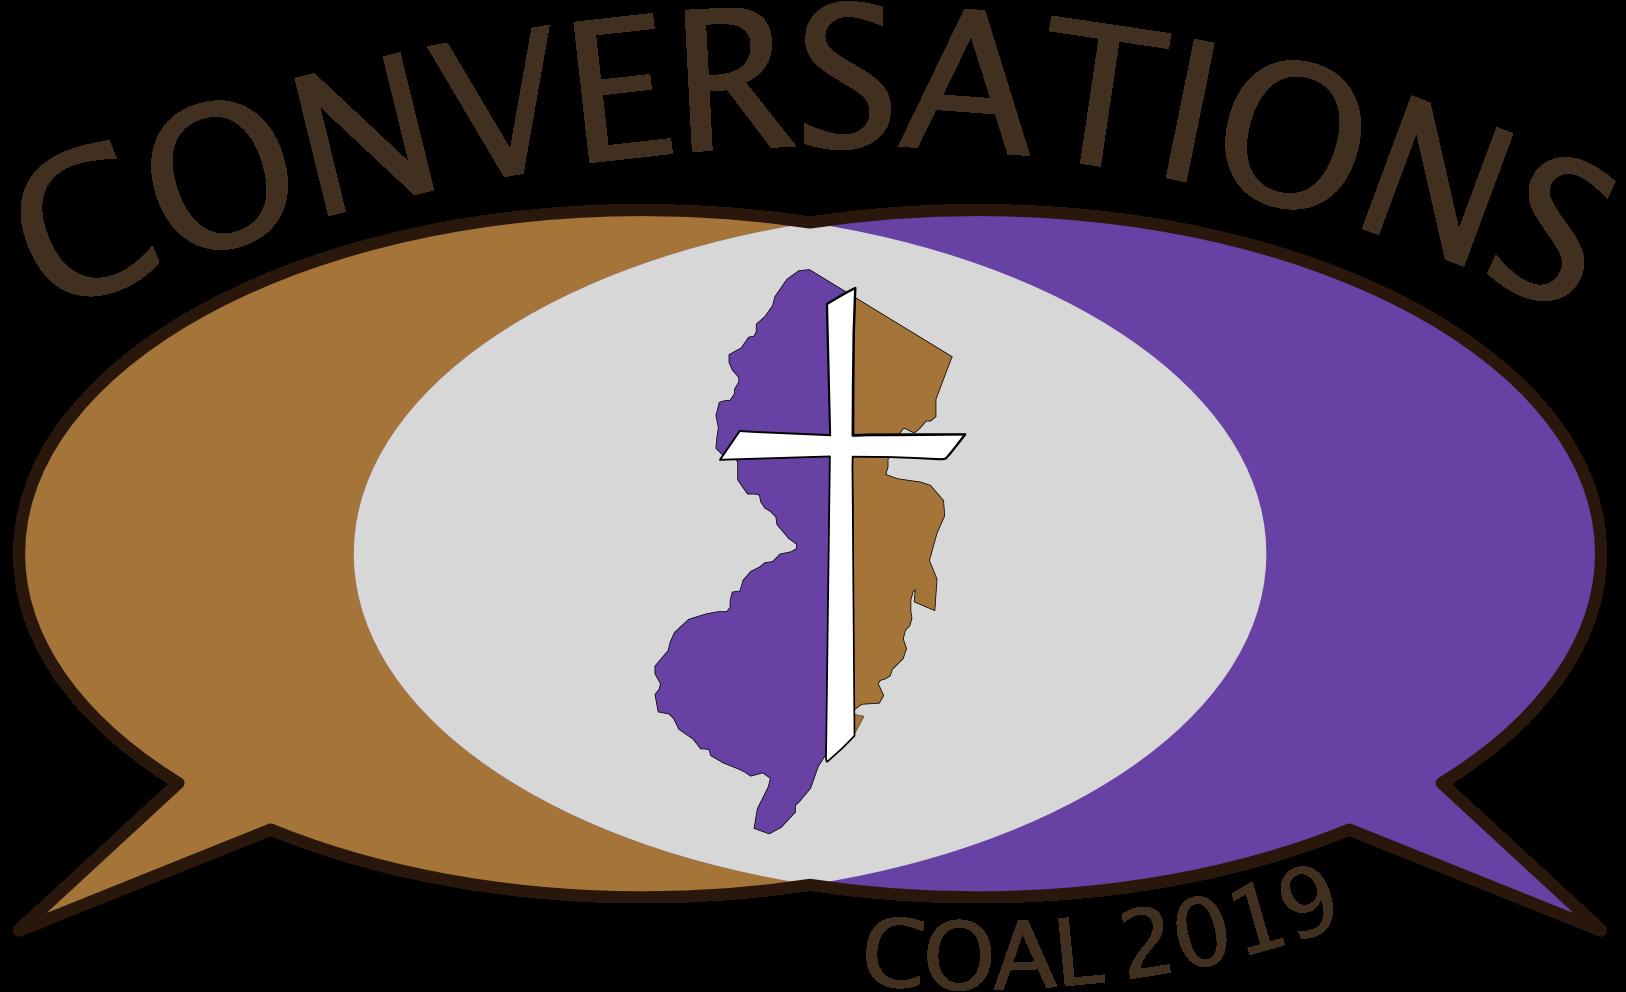 COAL 2019: Conversations